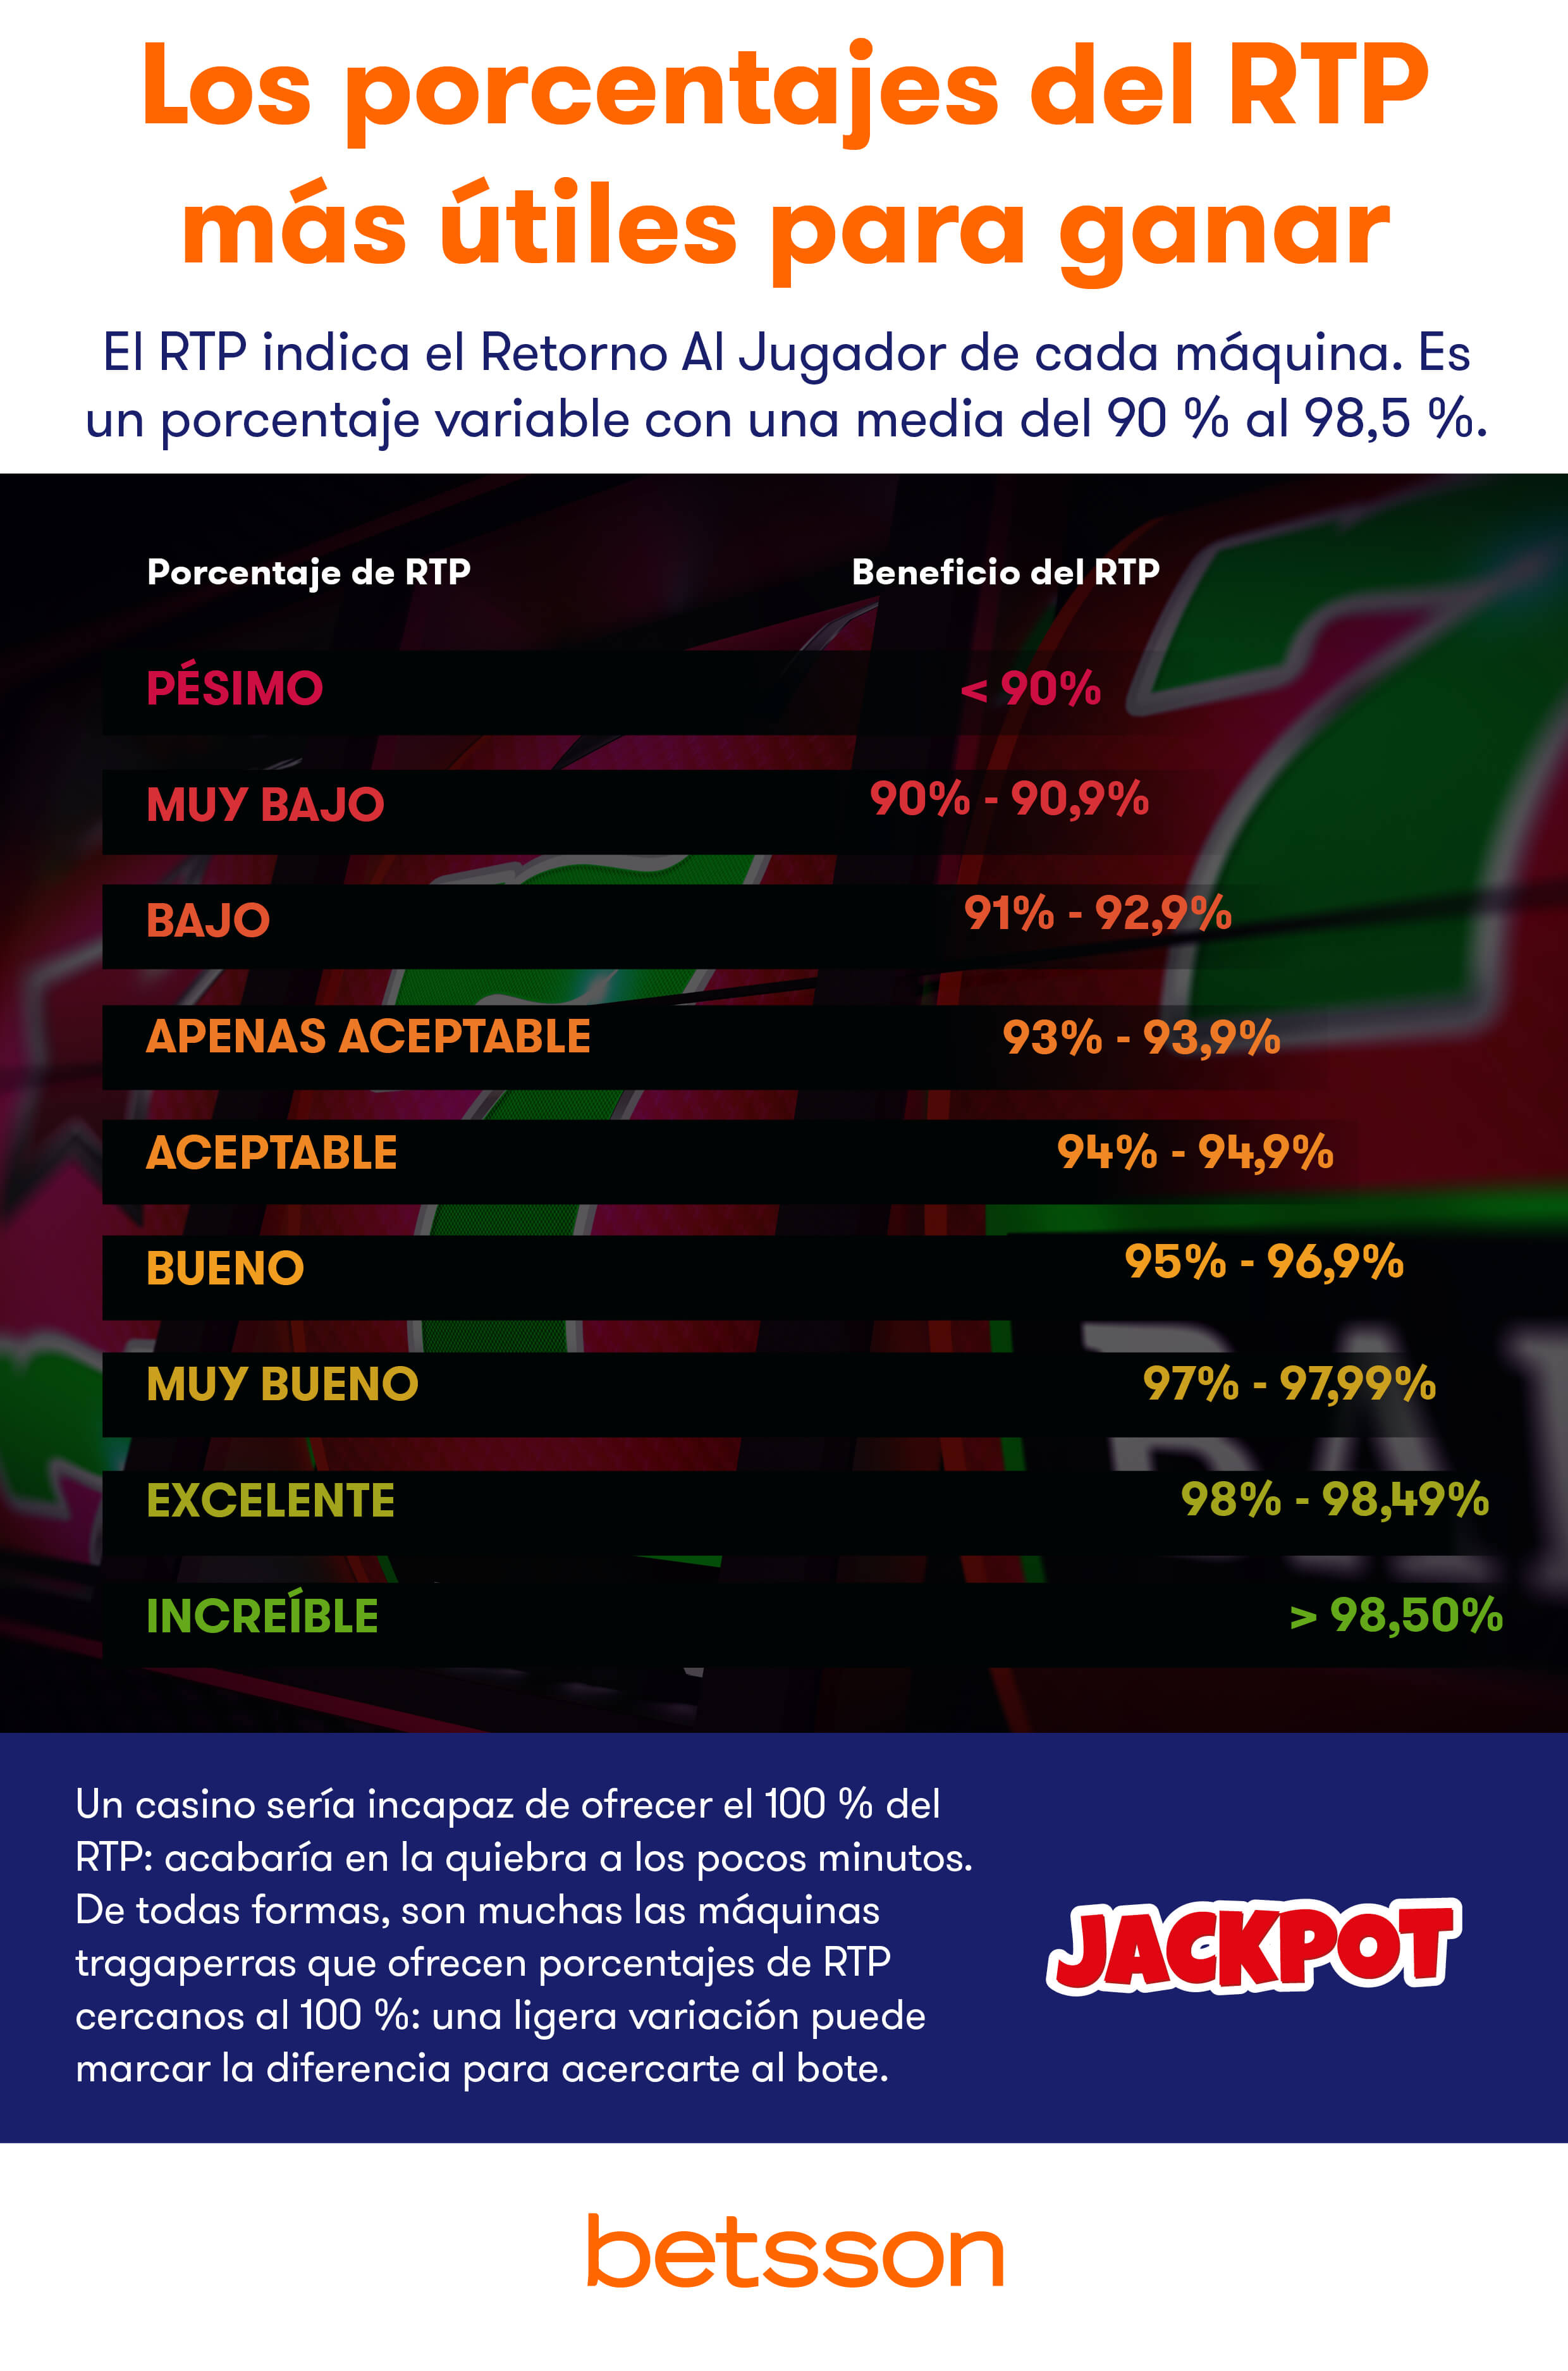 Porcentajes del RTP más útiles